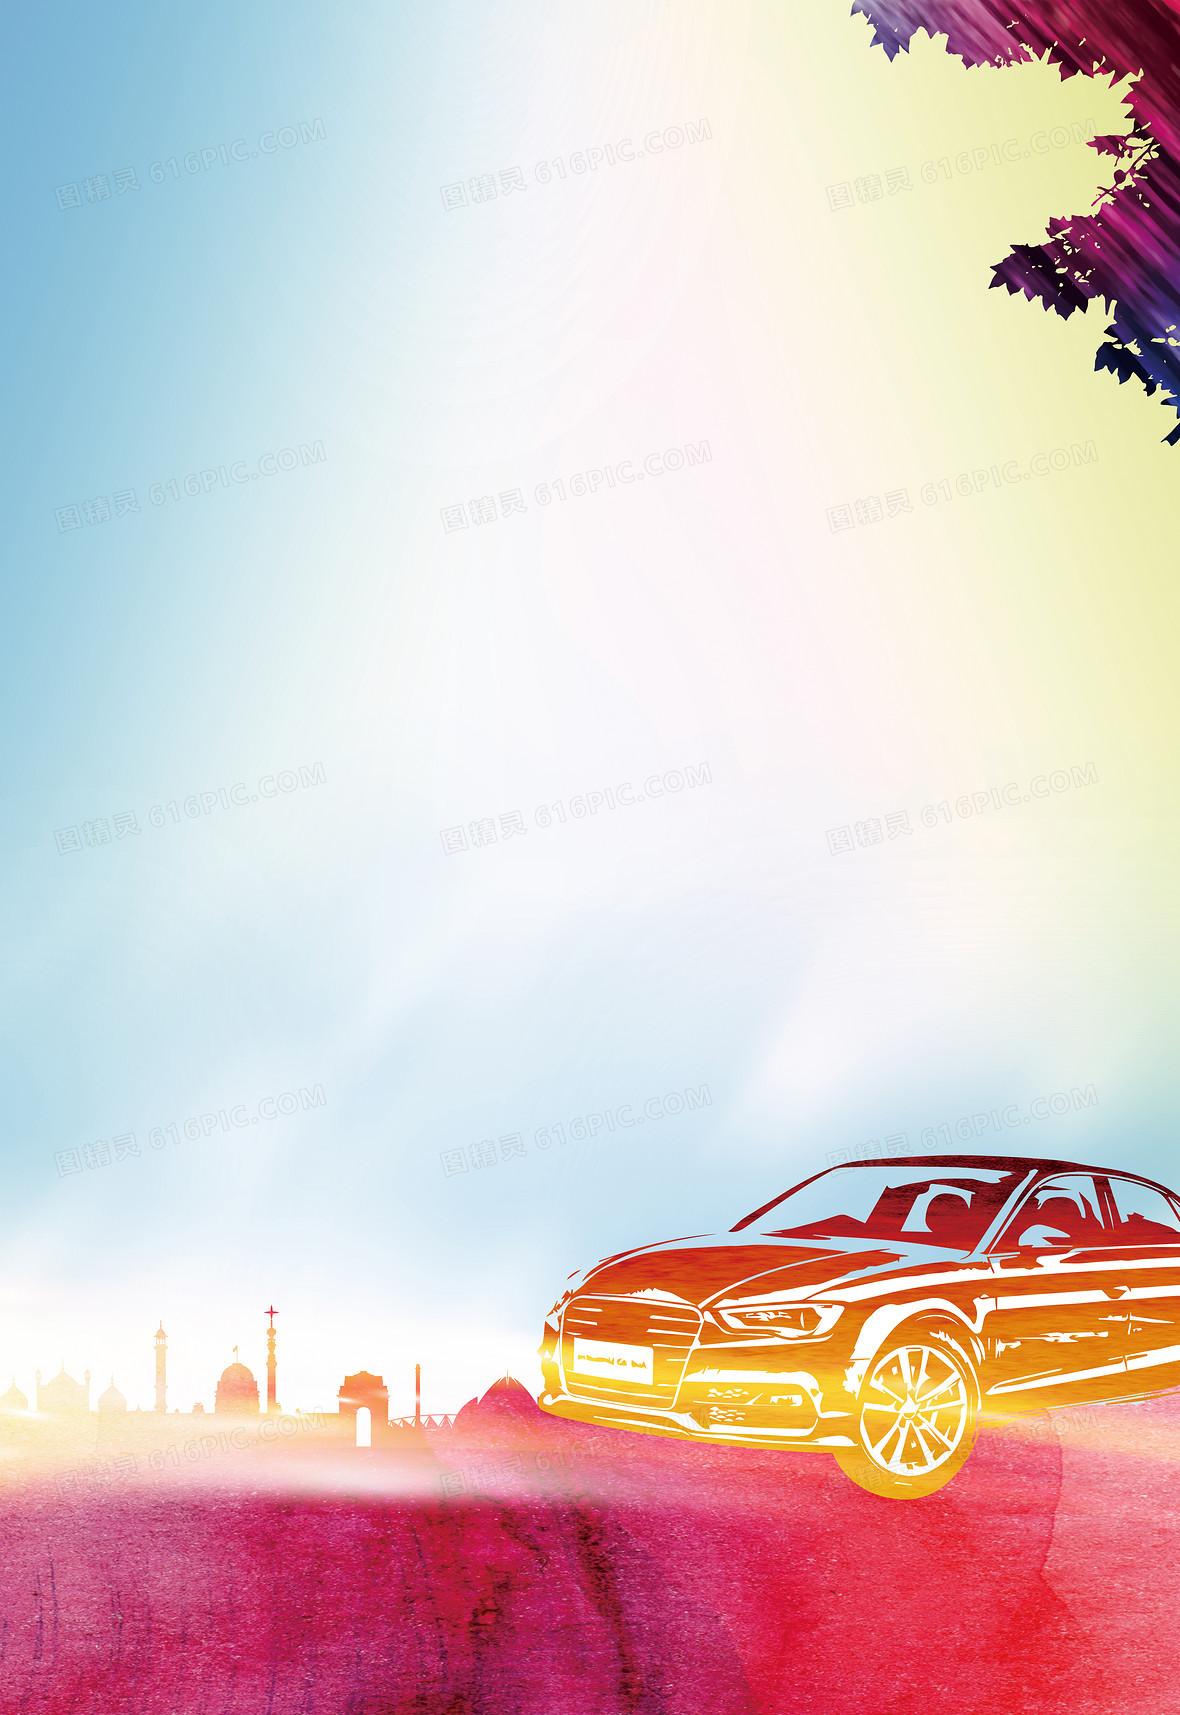 大气驾校招生宣传海报背景素材